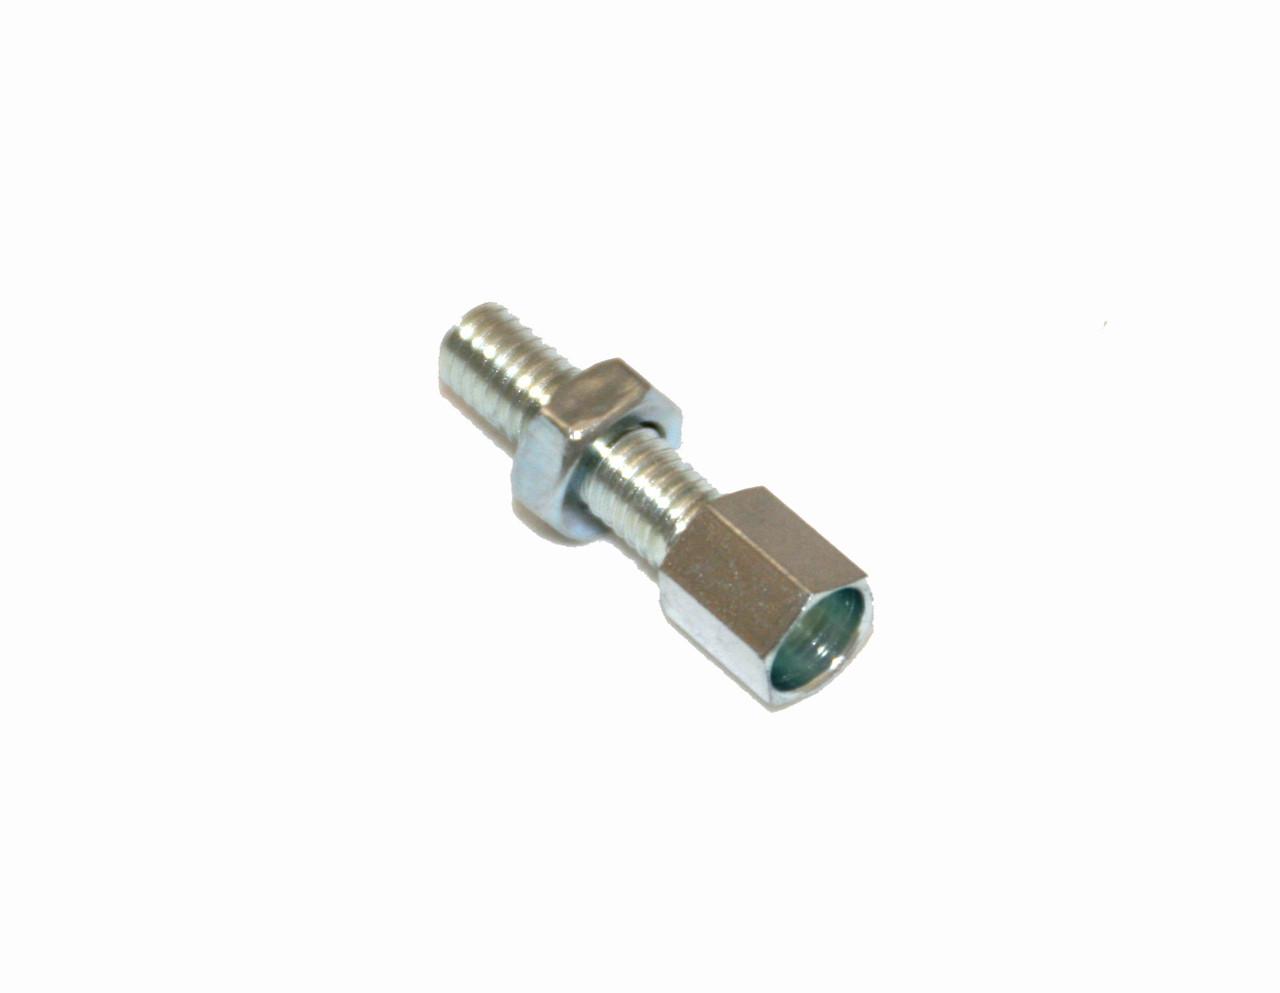 #28: P/N VLS3525: 0039 Throttle/Brake Cable Adjuster